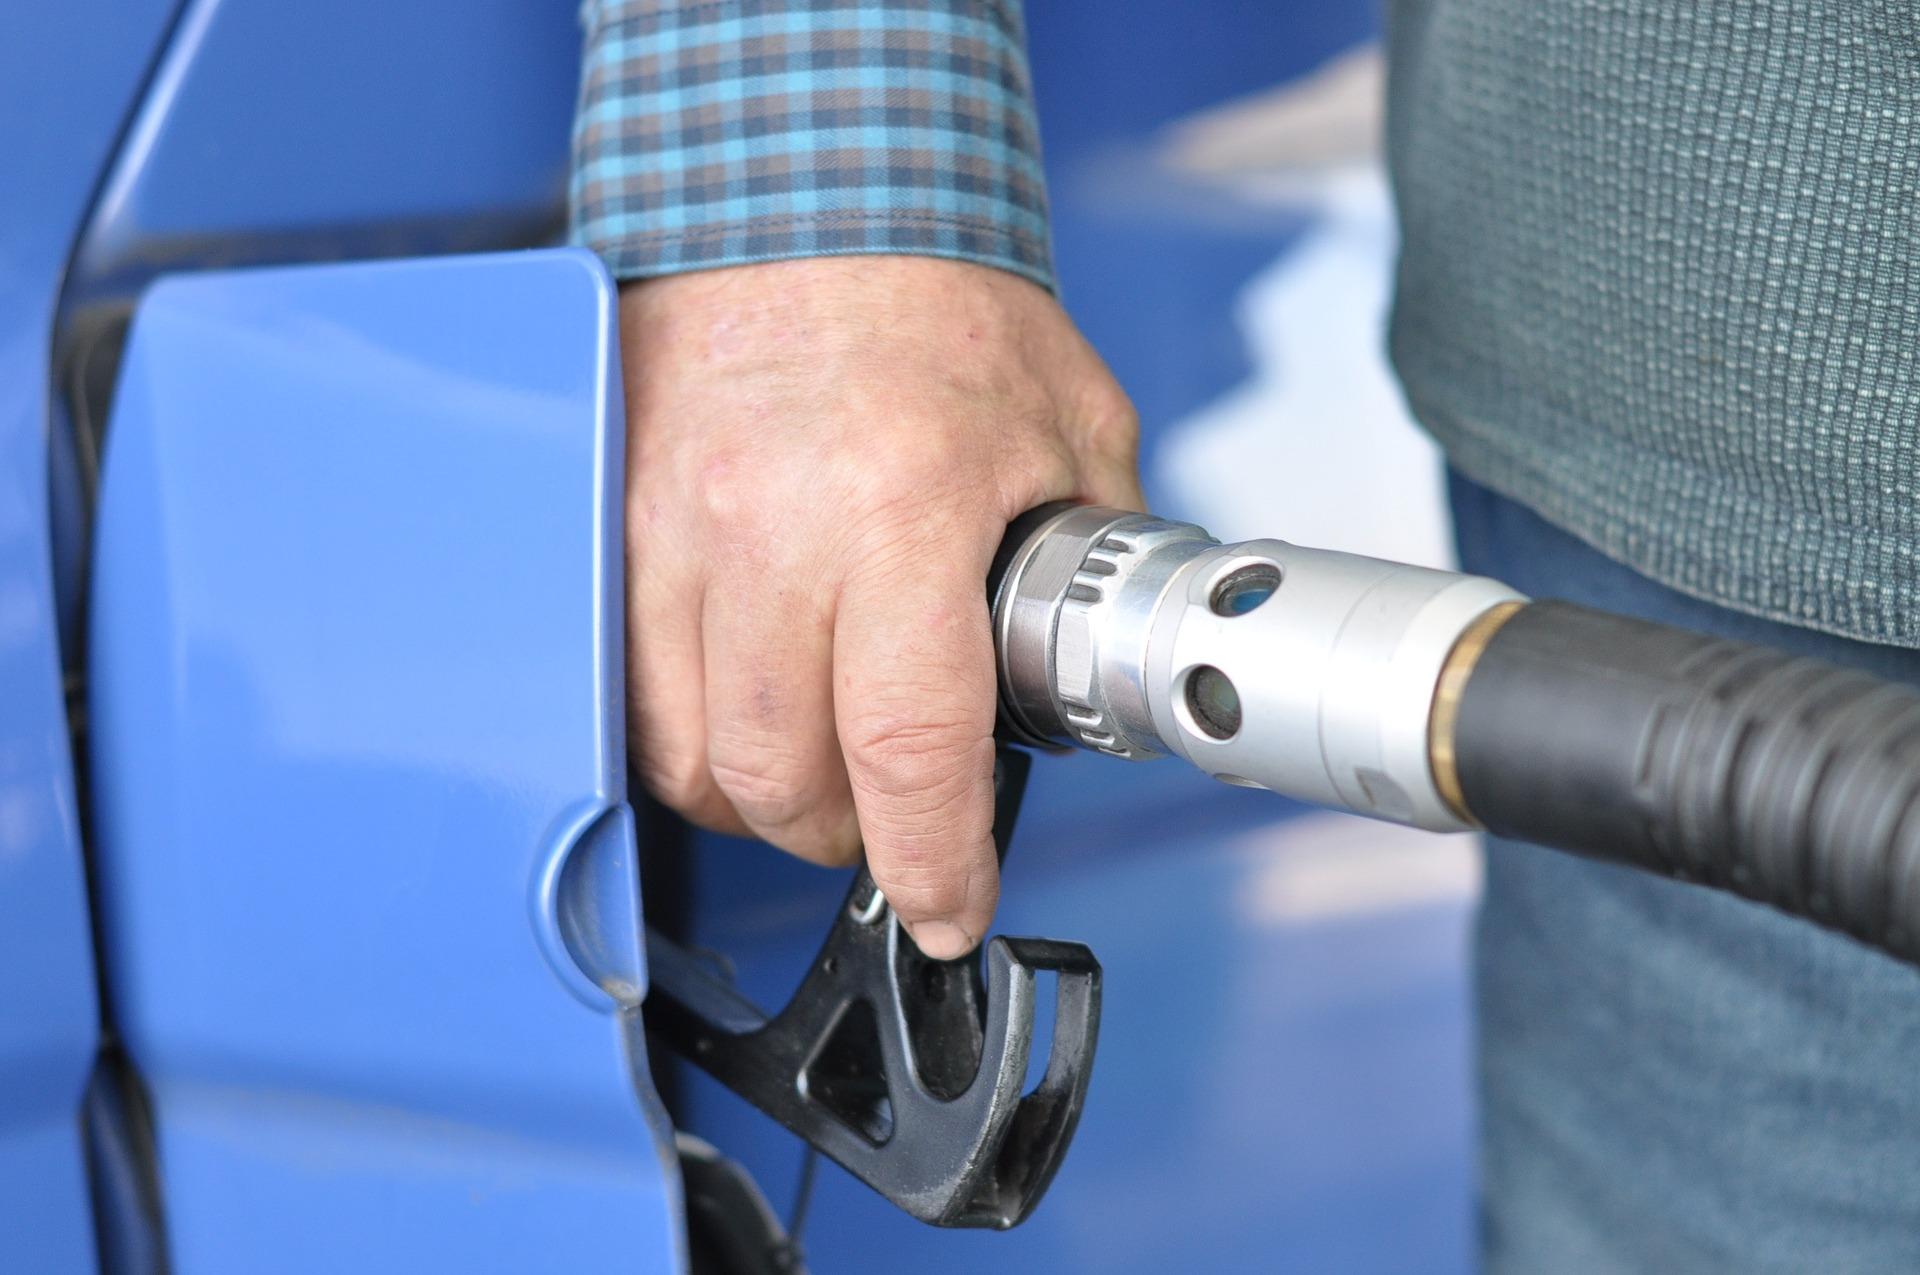 Inflatie stijgt naar 1,6 procent in juni